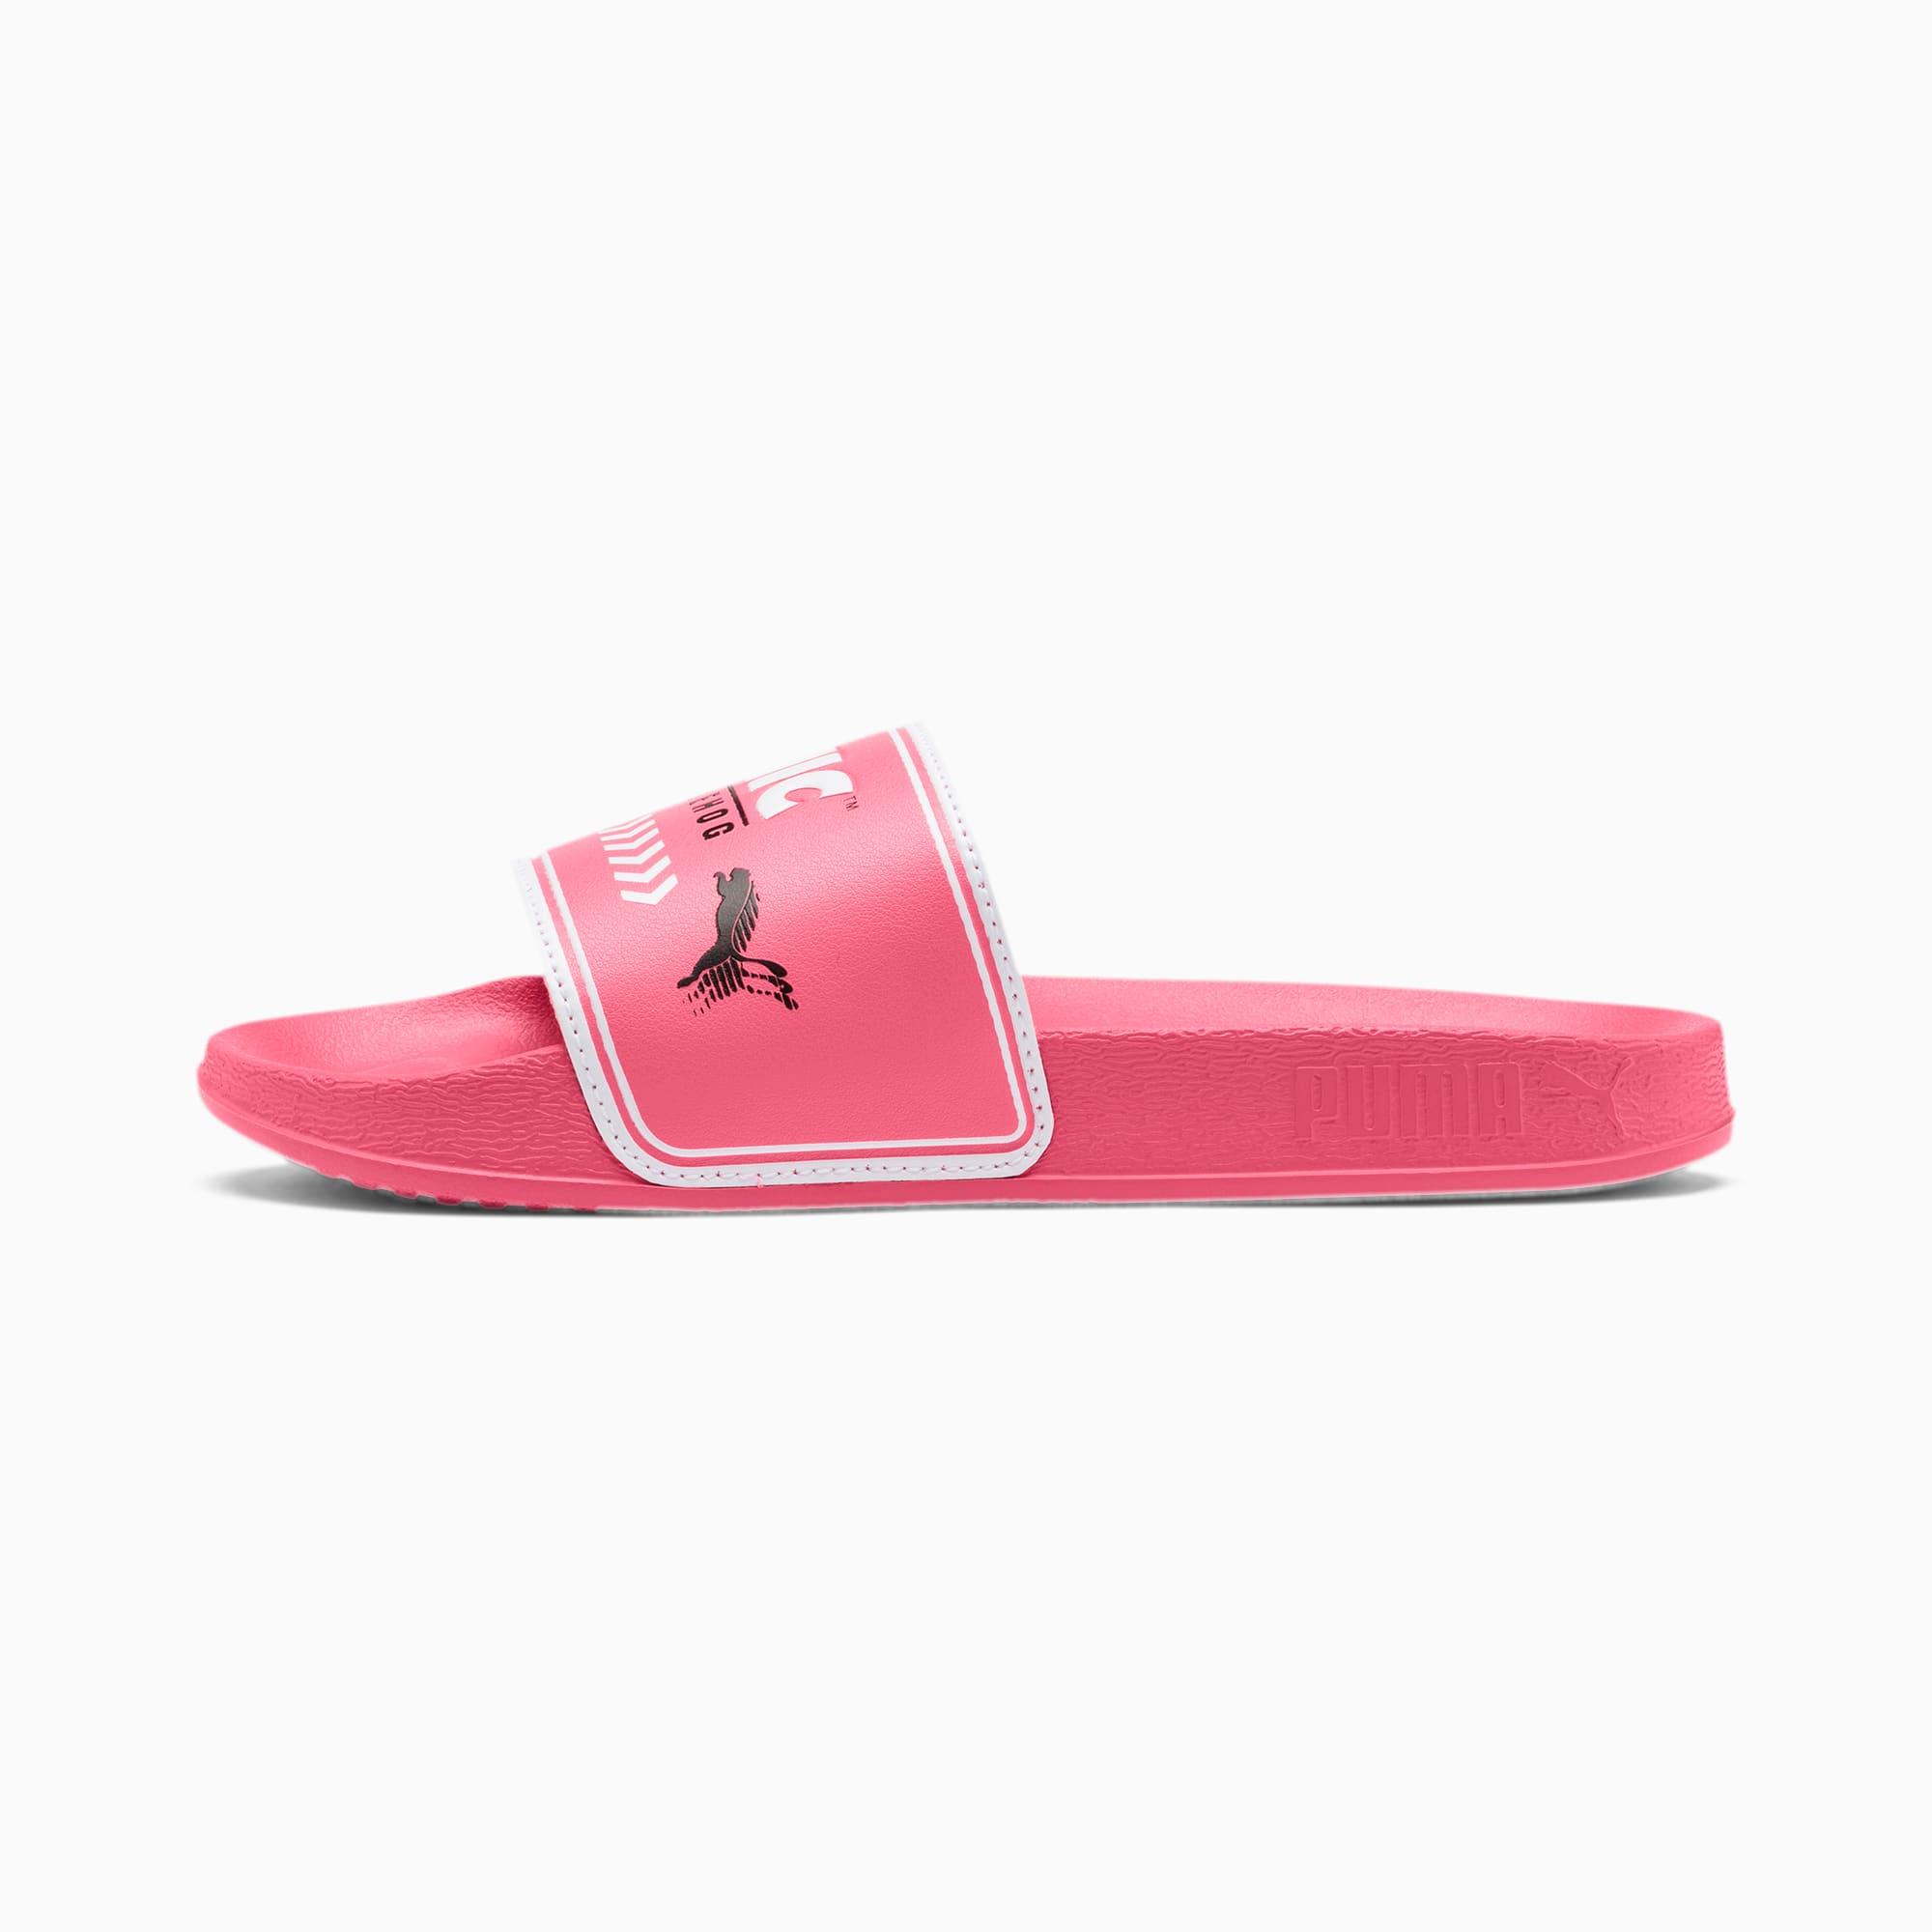 PUMA Sandale PUMA x SONIC Leadcat pour enfant, Blanc, Taille 32, Chaussures